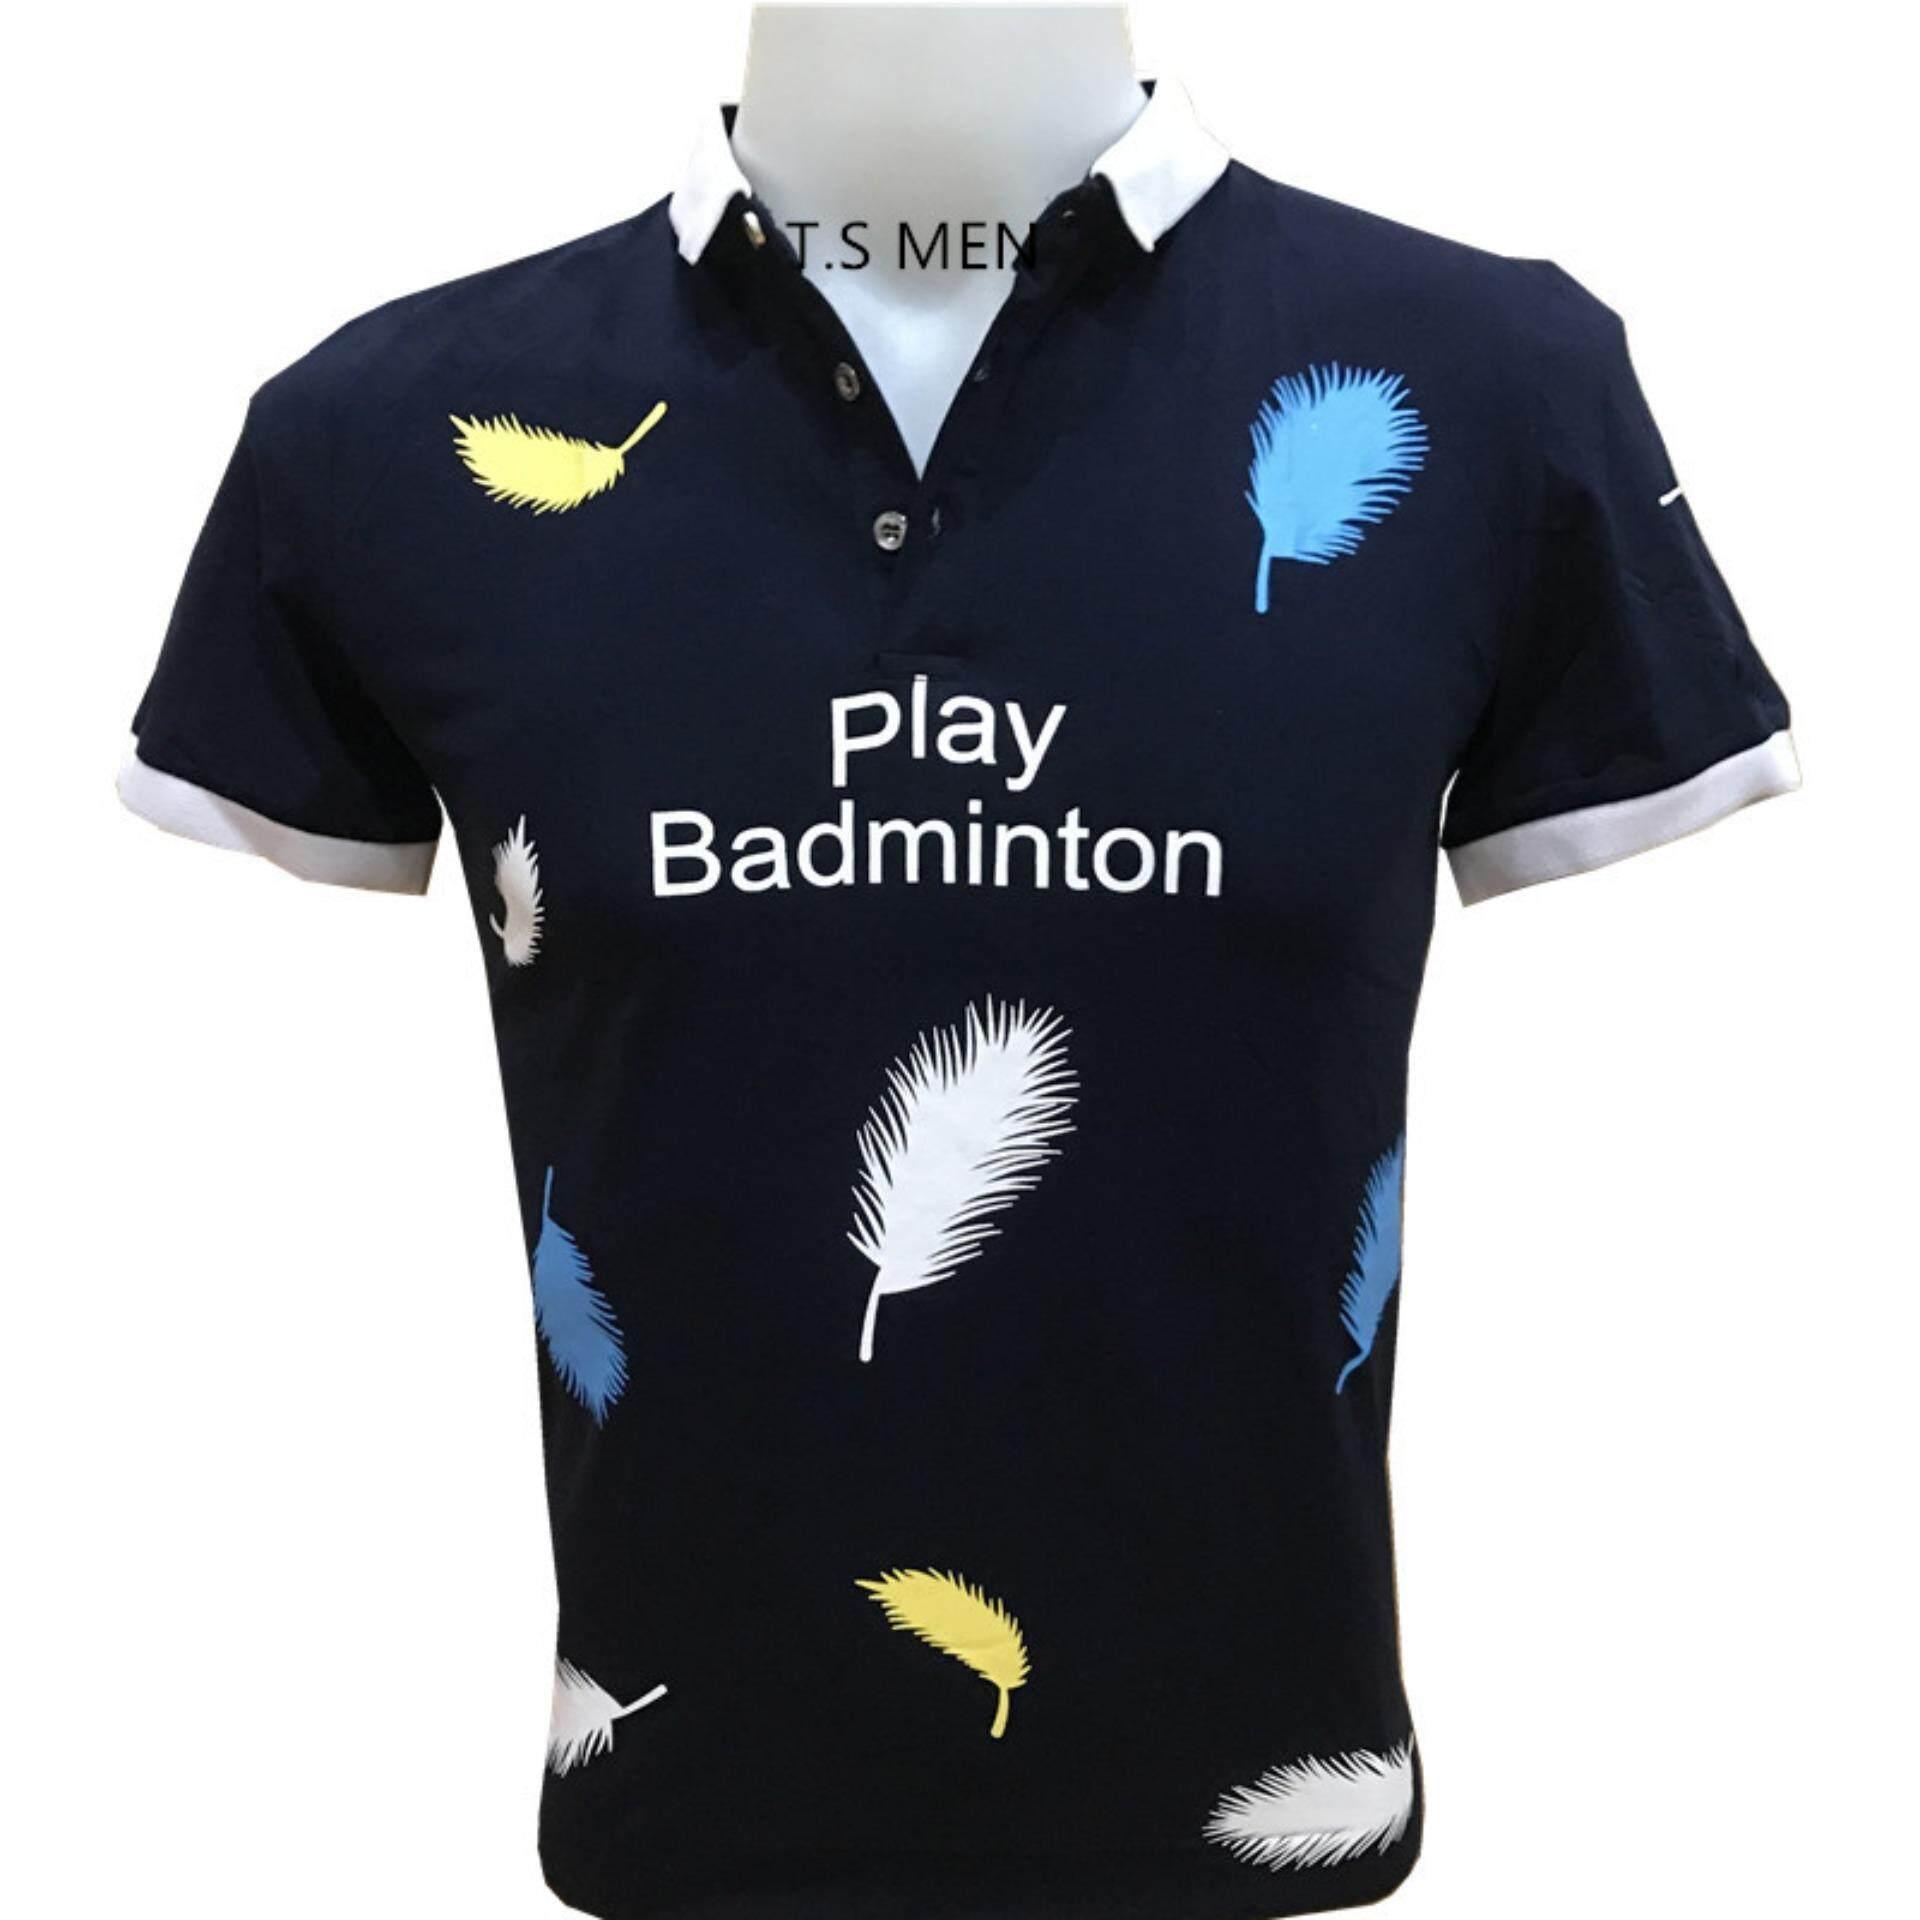 ส่วนลด เสื้อยืดผู้ชายMen S T Shirtเสื้อยืดแฟชั่นผู้ชาย Polo Shirtเสื้อโปโล กรุงเทพมหานคร